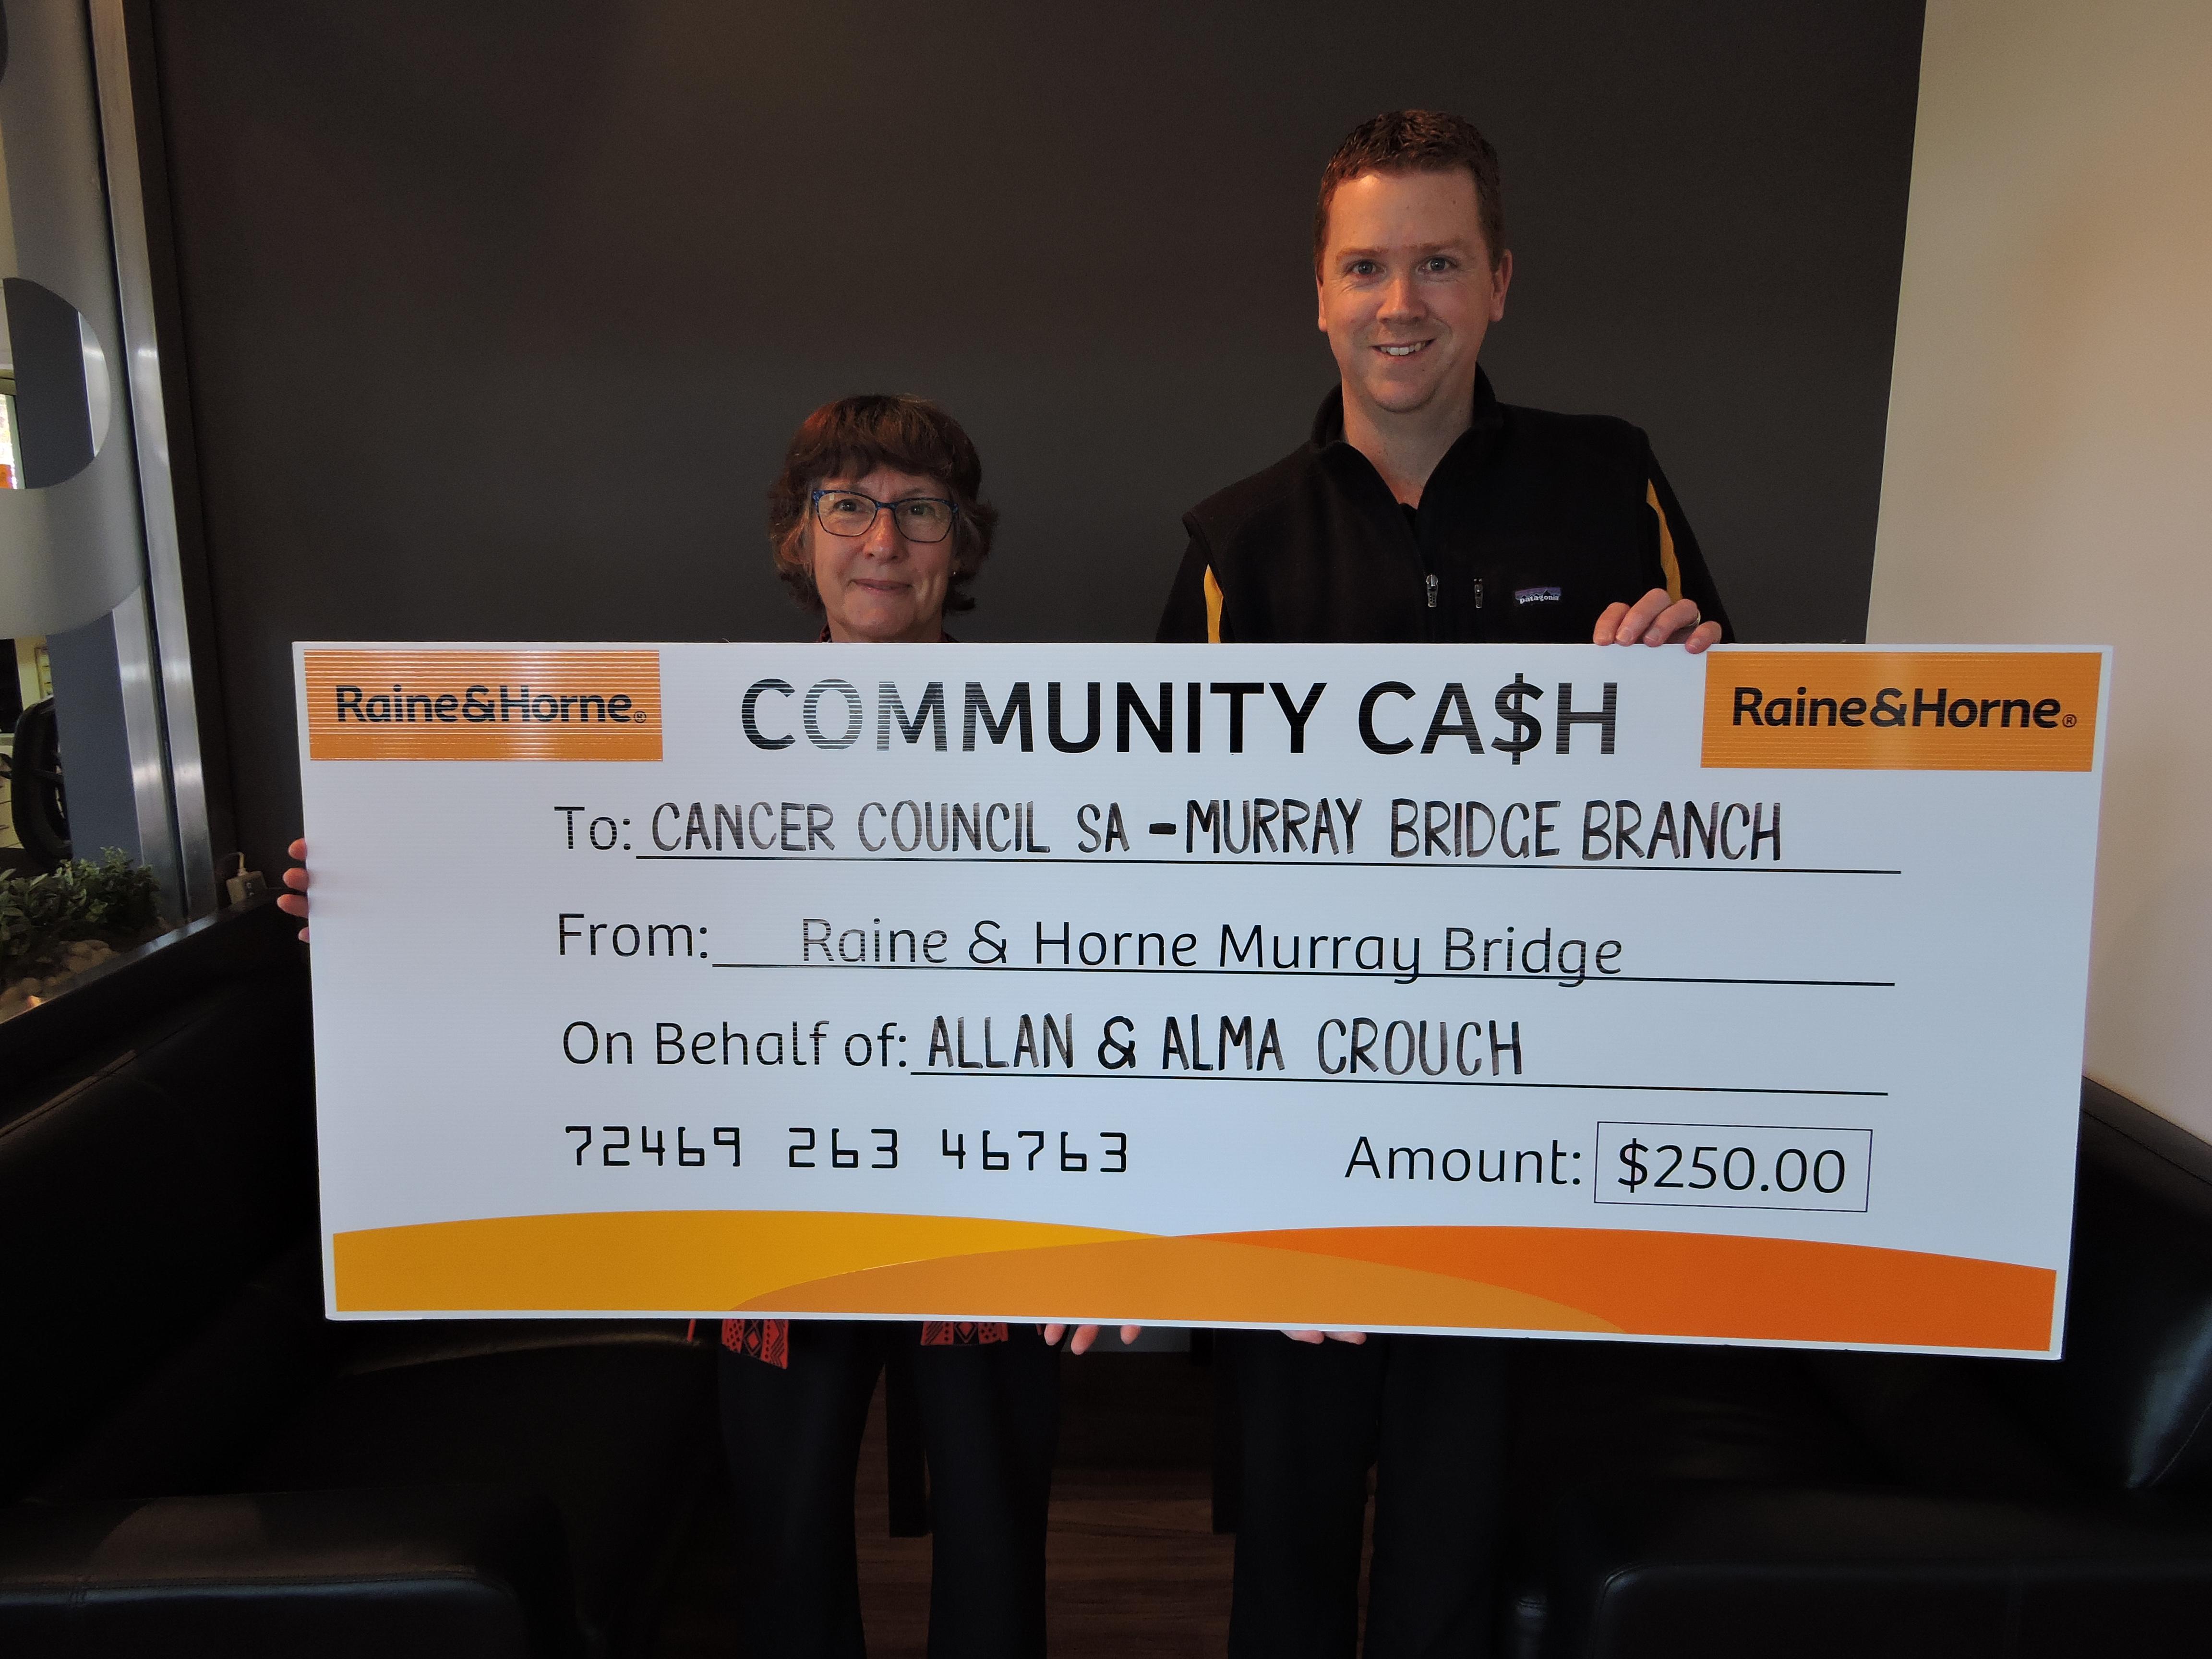 Community Cash - Cancer Council